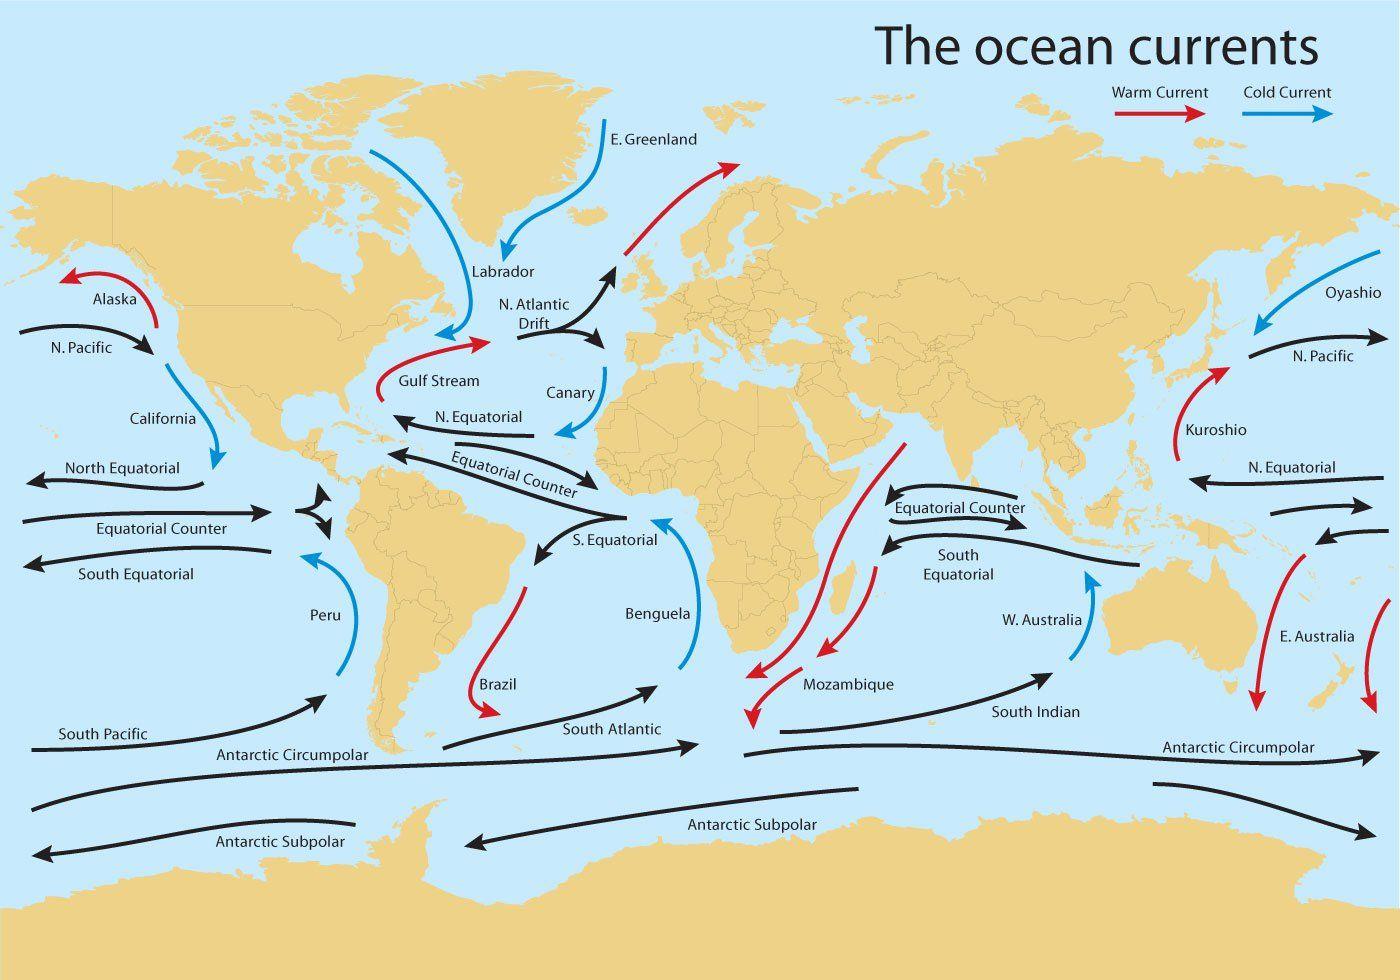 Ocean Current Worldmap Vector in 2019 | Ocean current, Ocean ...